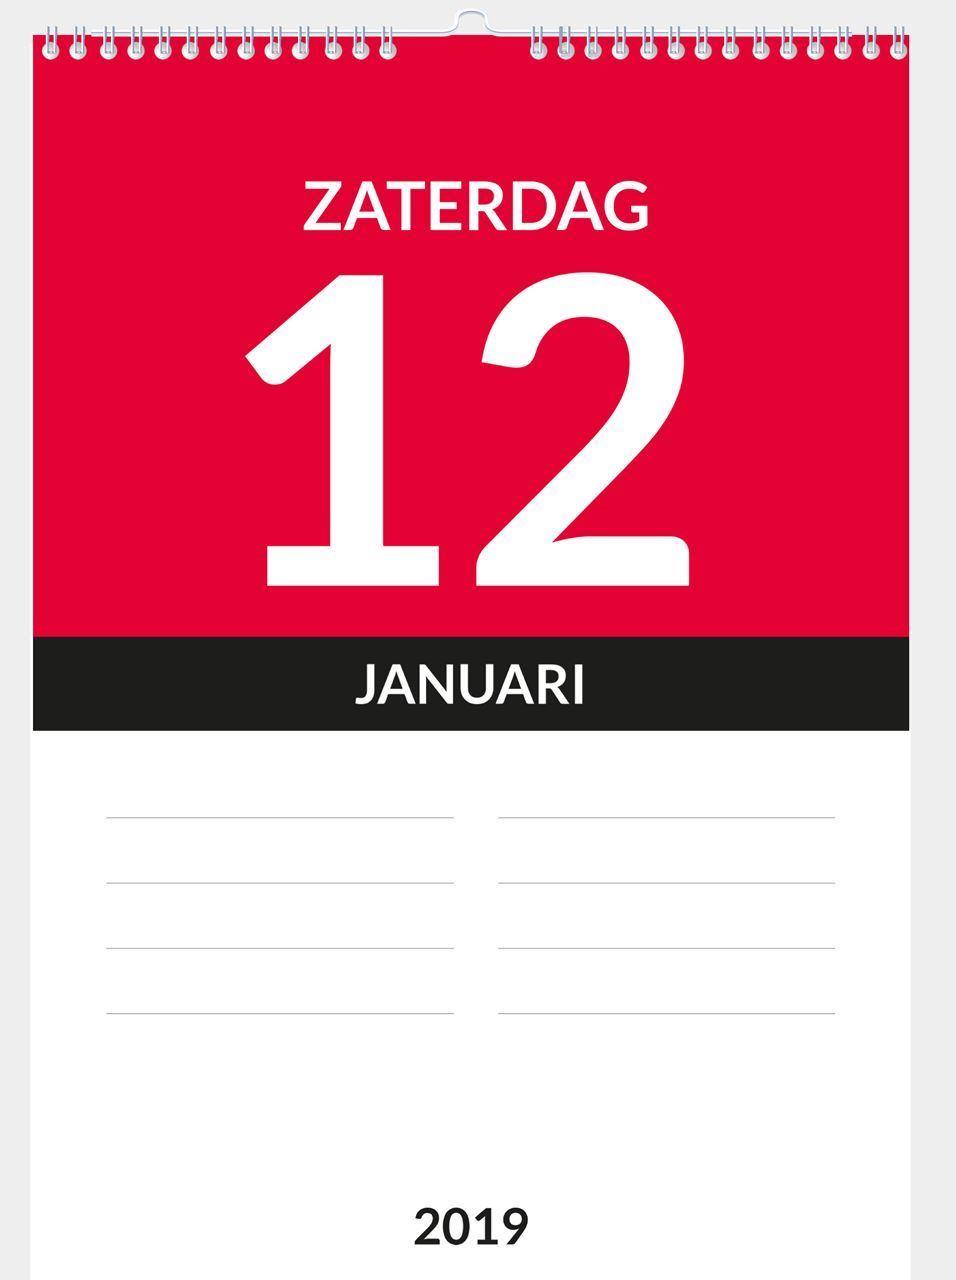 Dagkalender A4, met ophang haak, voorbeeld inhoud week-end aanduiding 2019